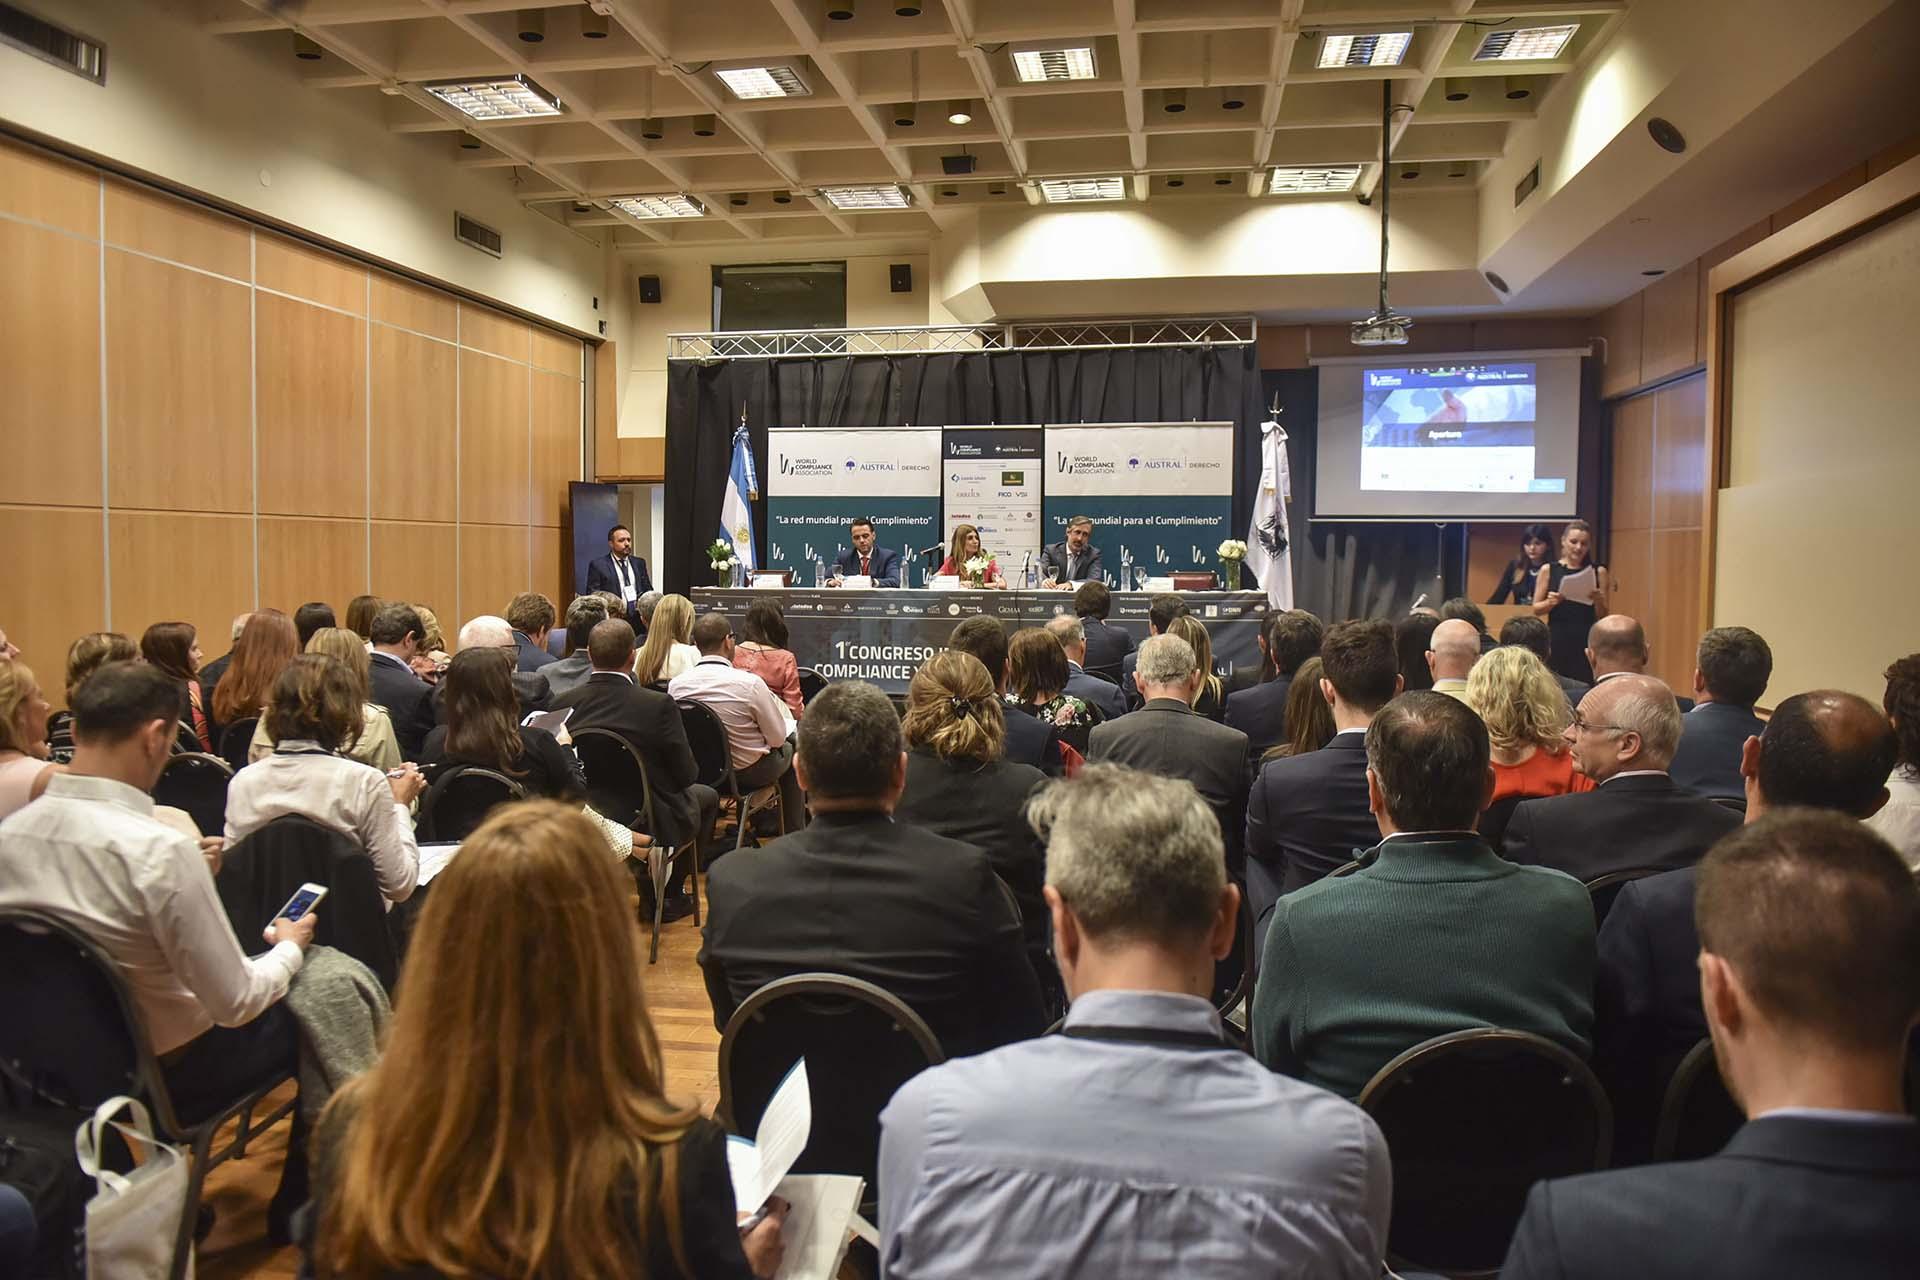 Primer Congreso Internacional de Compliance y Lucha Anticorrupción